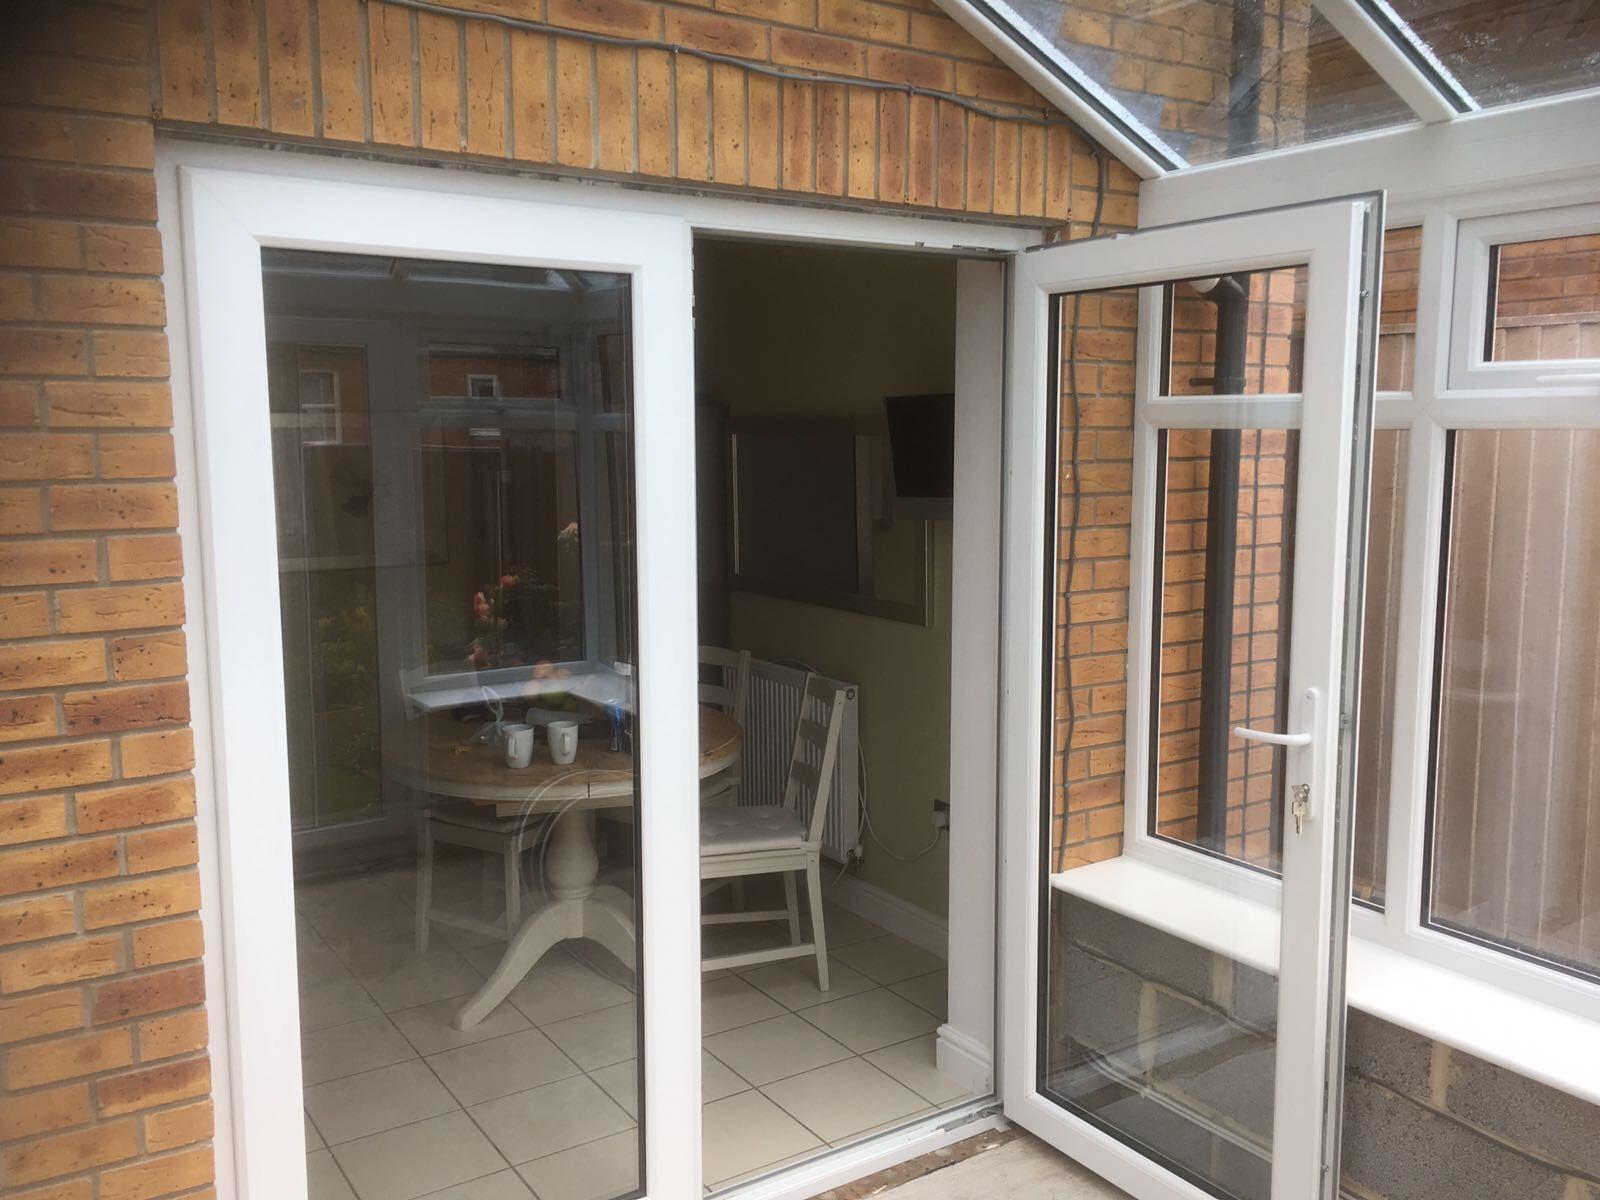 White Kömmerling Premifold swing and slide doors installed